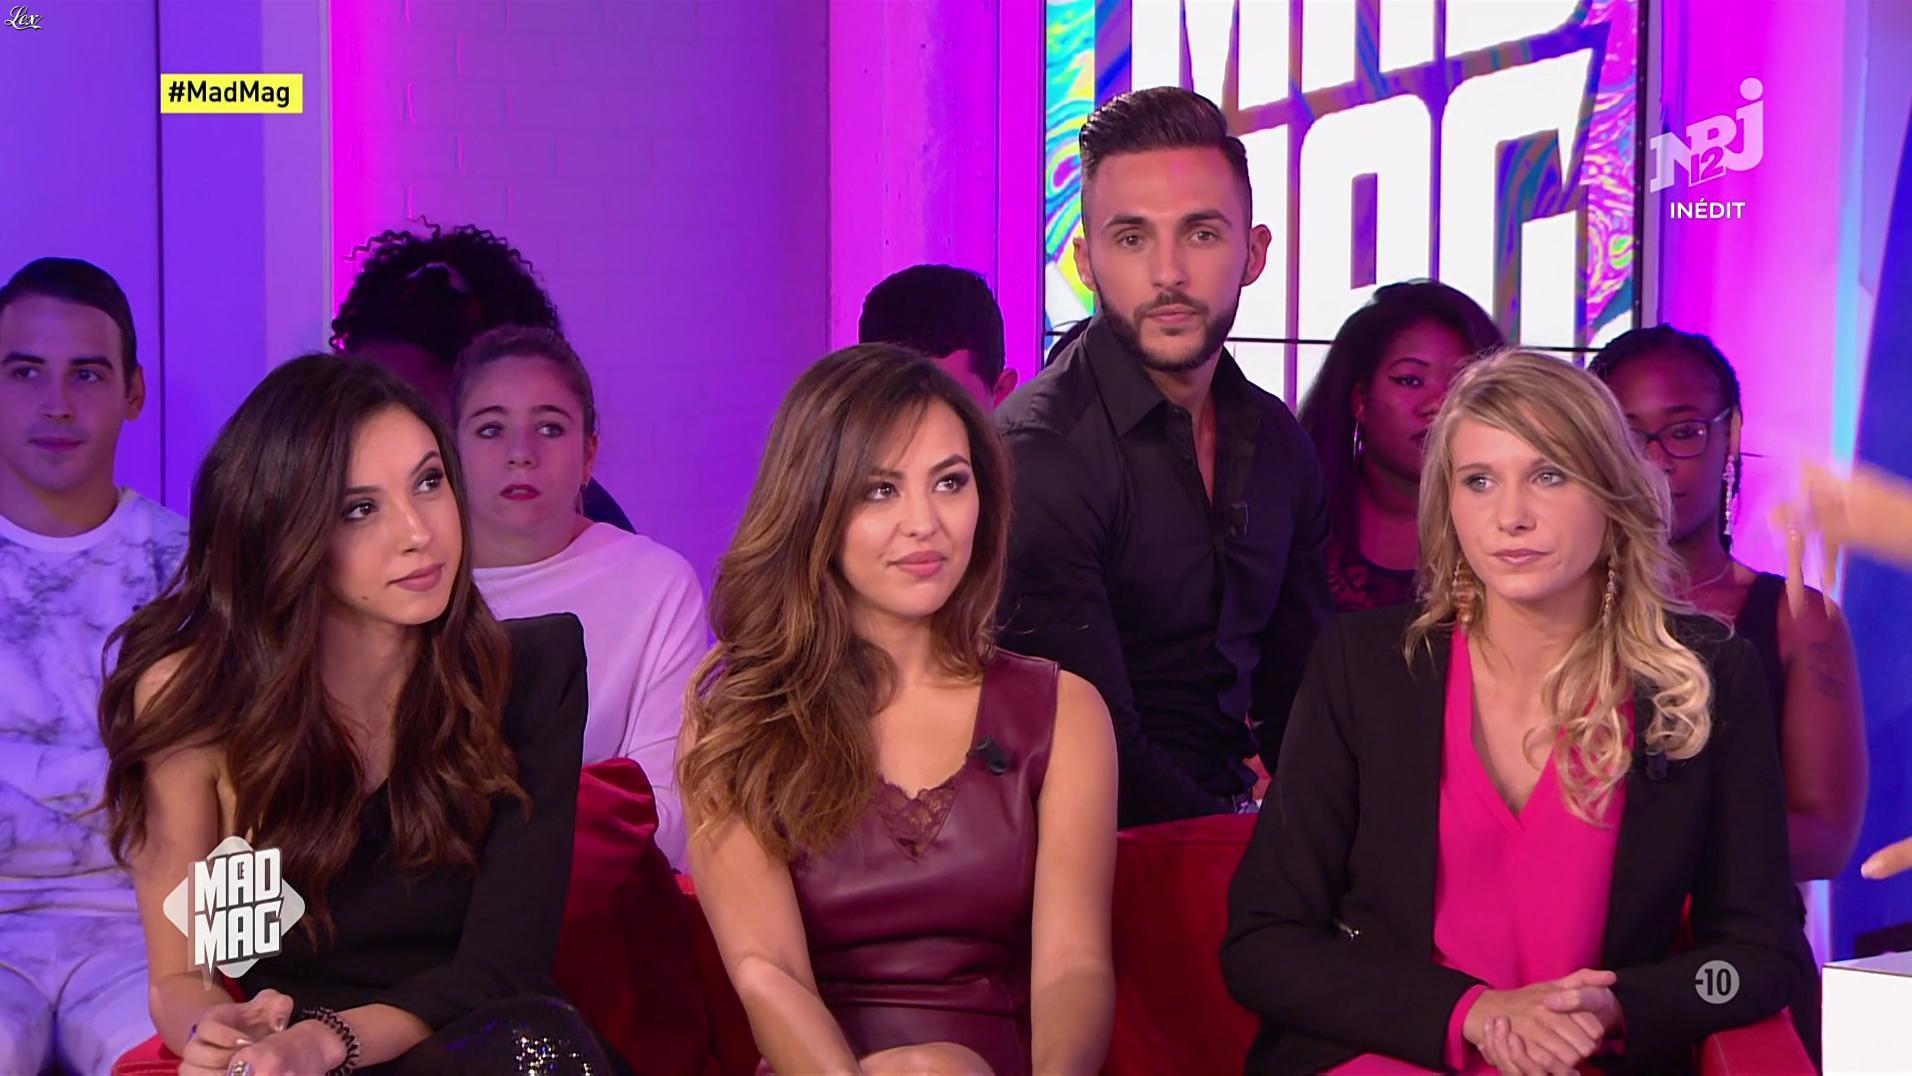 Pariss et Yamina dans le Mad Mag. Diffusé à la télévision le 18/09/17.